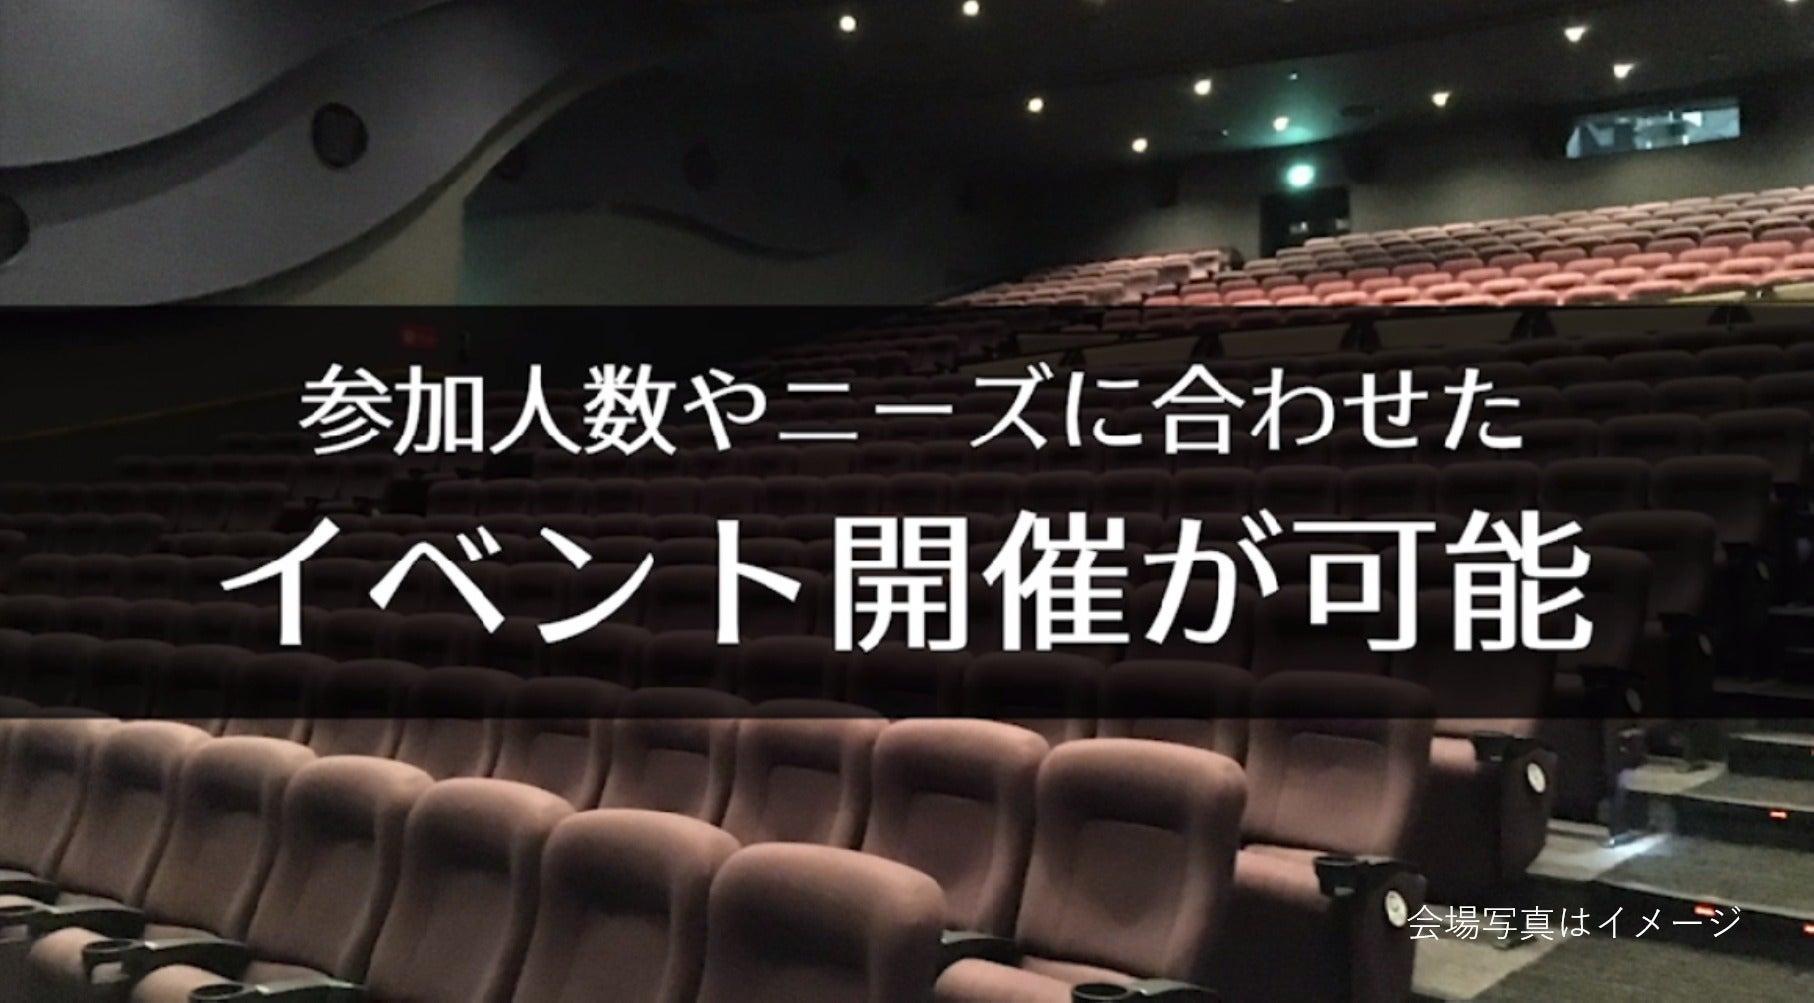 【としまえん 380席】映画館で、会社説明会、株主総会、講演会の企画はいかがですか?(ユナイテッド・シネマとしまえん) の写真0